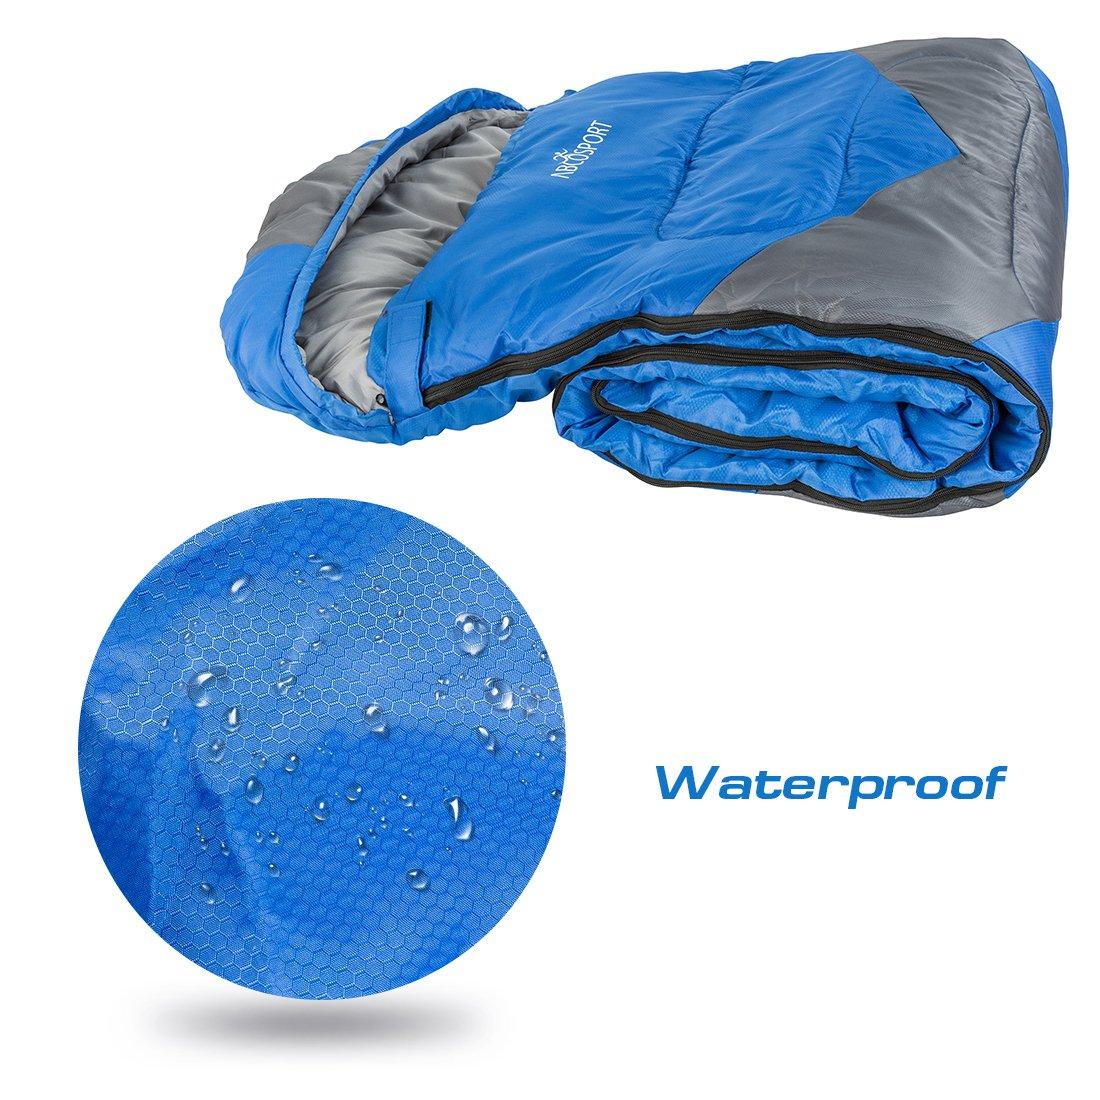 Waterproof 4 Season Ultralight Sleeping Bag FS $28